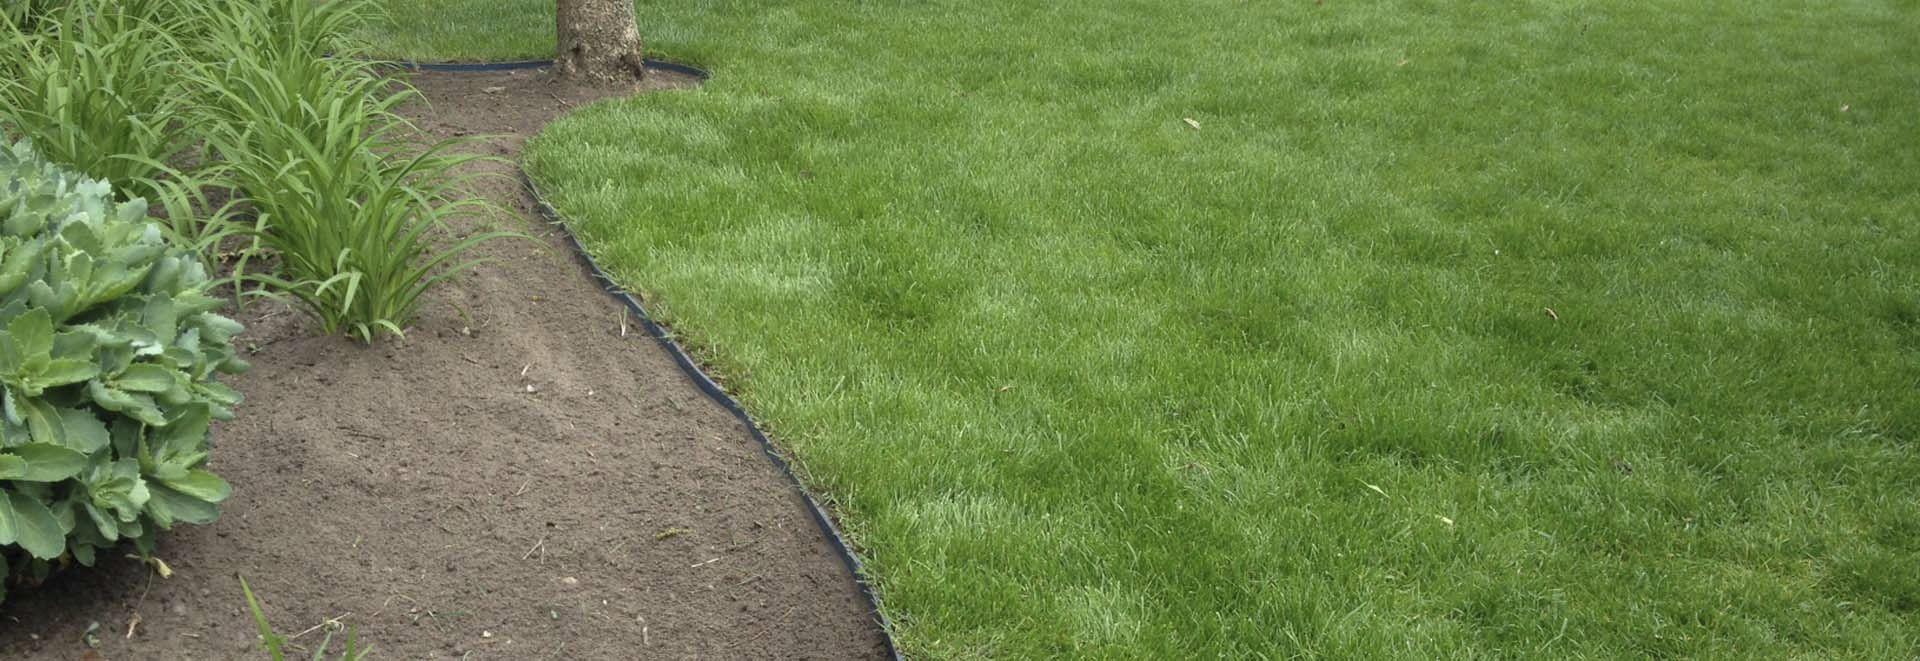 Bordure Da Giardino In Plastica.Bordura Da Giardino Per Tetto Verde In Plastica Lineare Greenmax